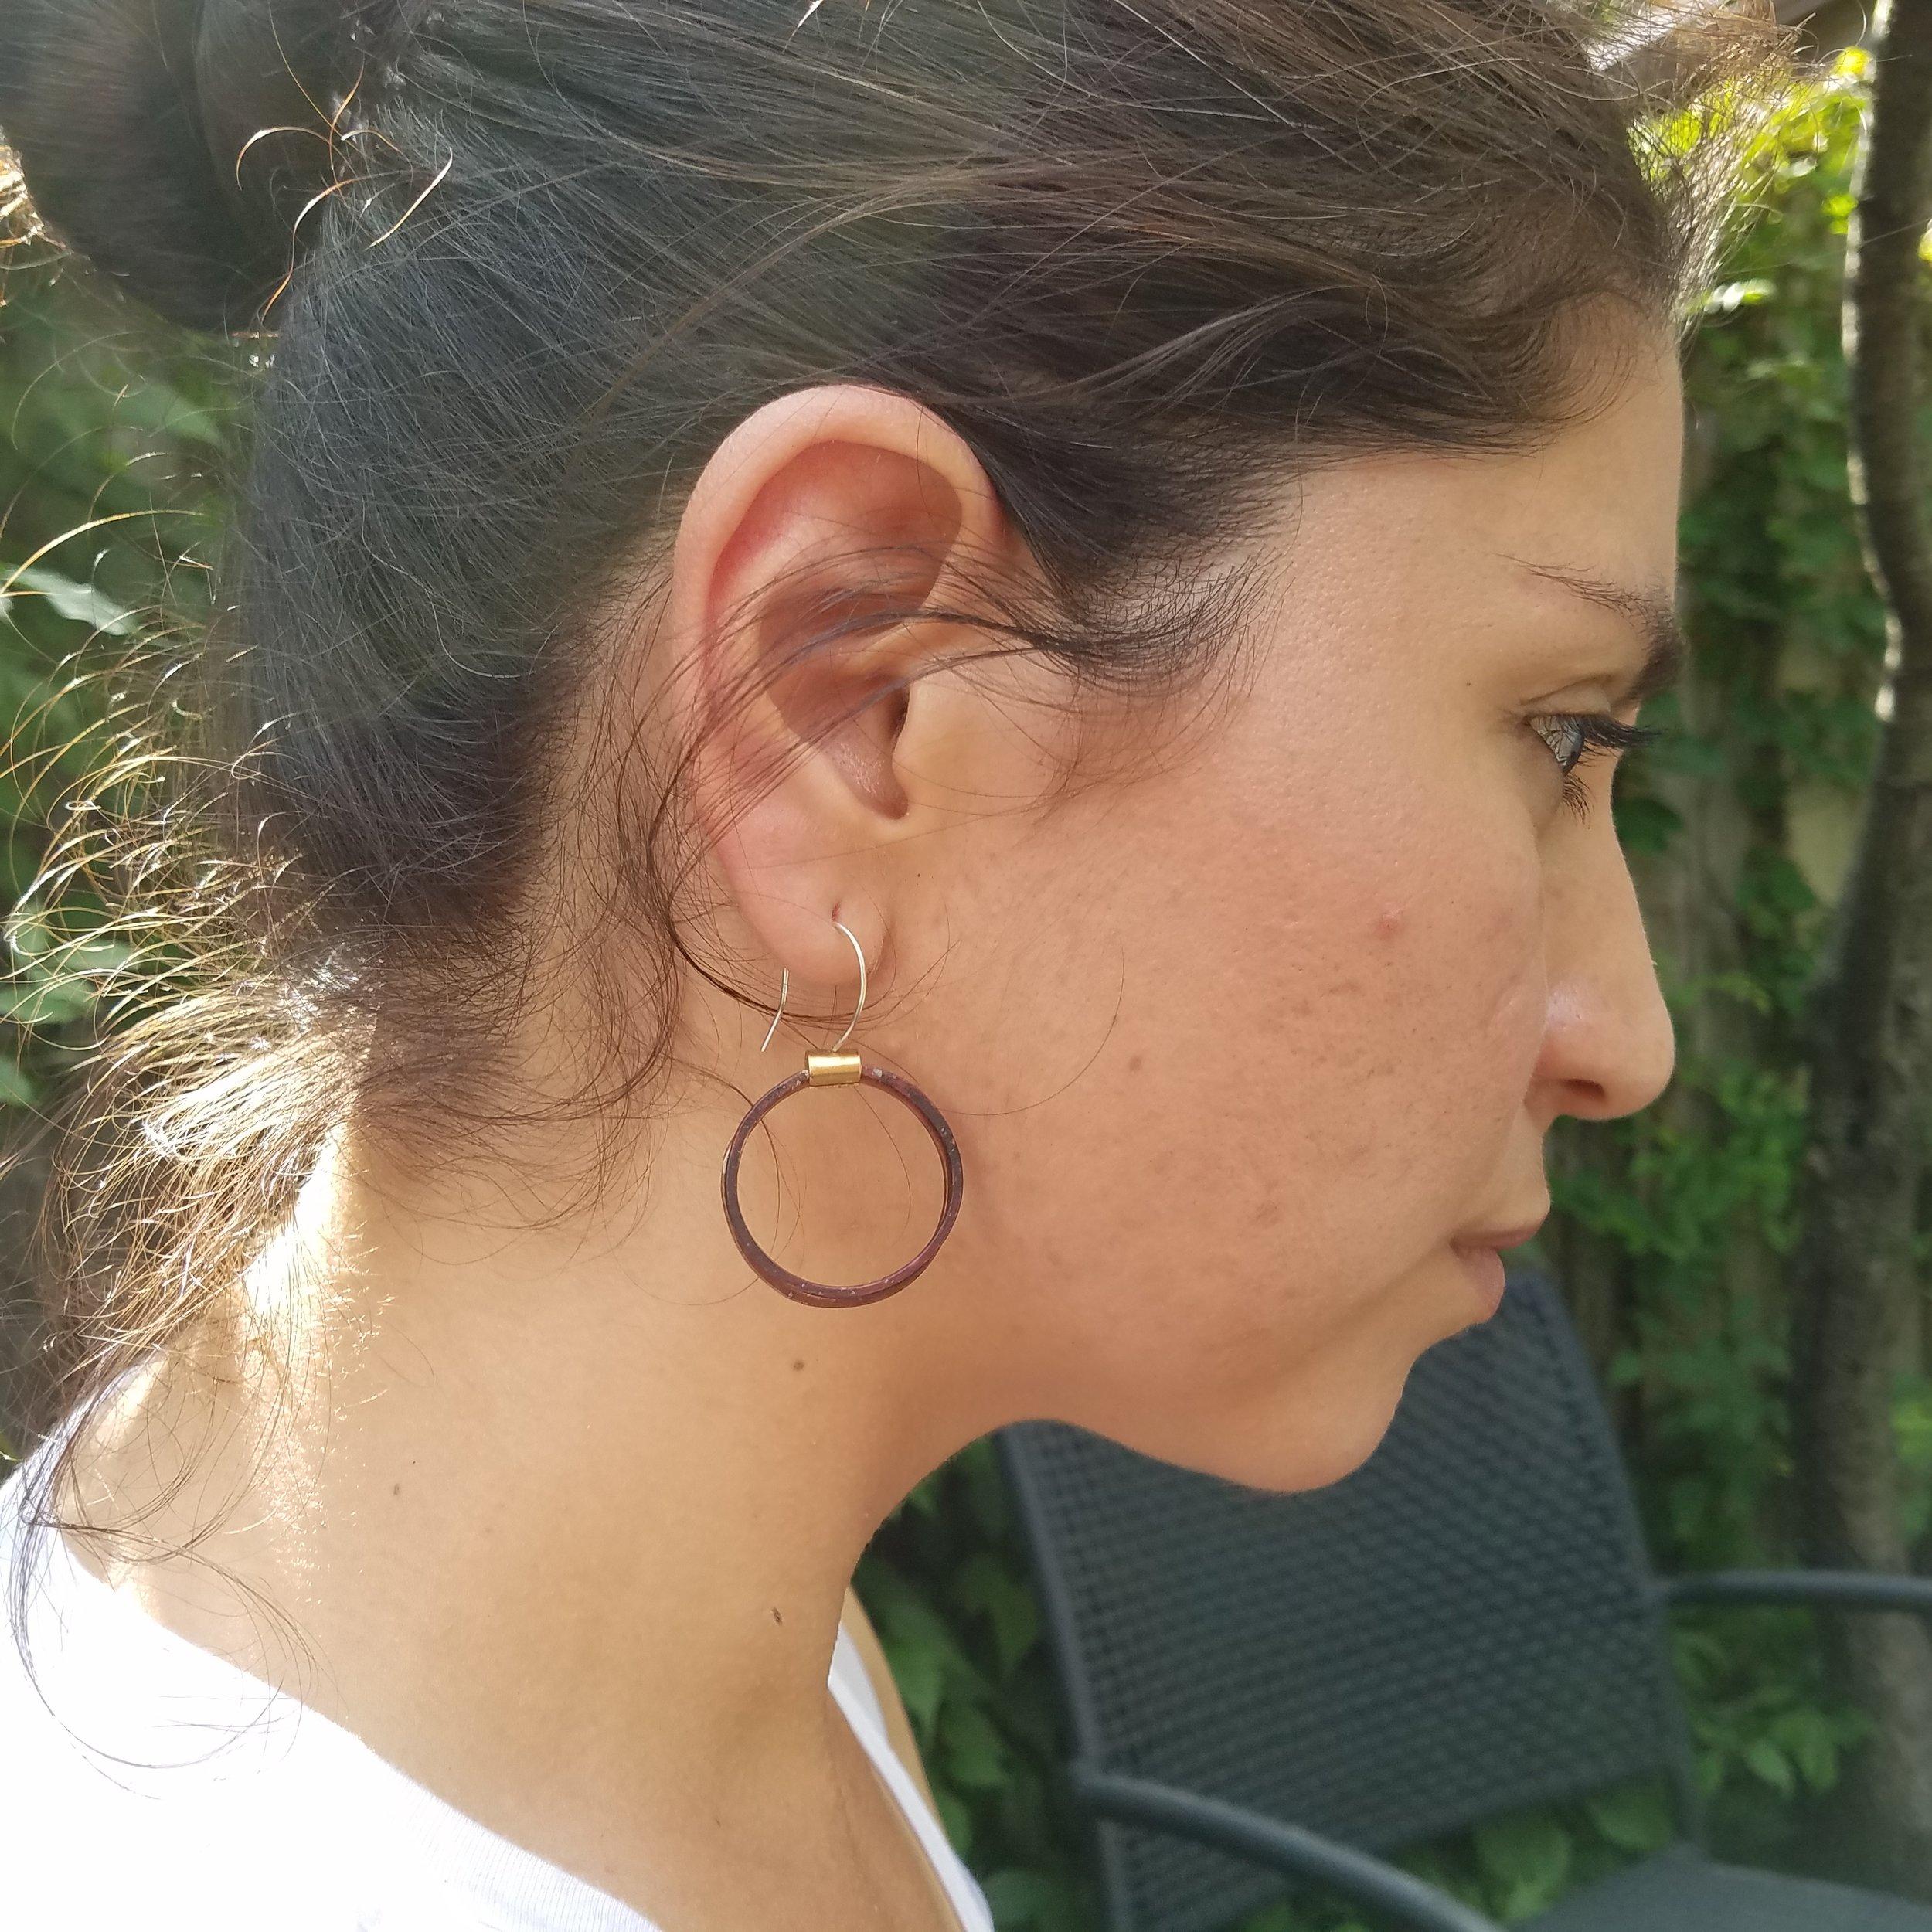 RING EARRING MODEL.jpg